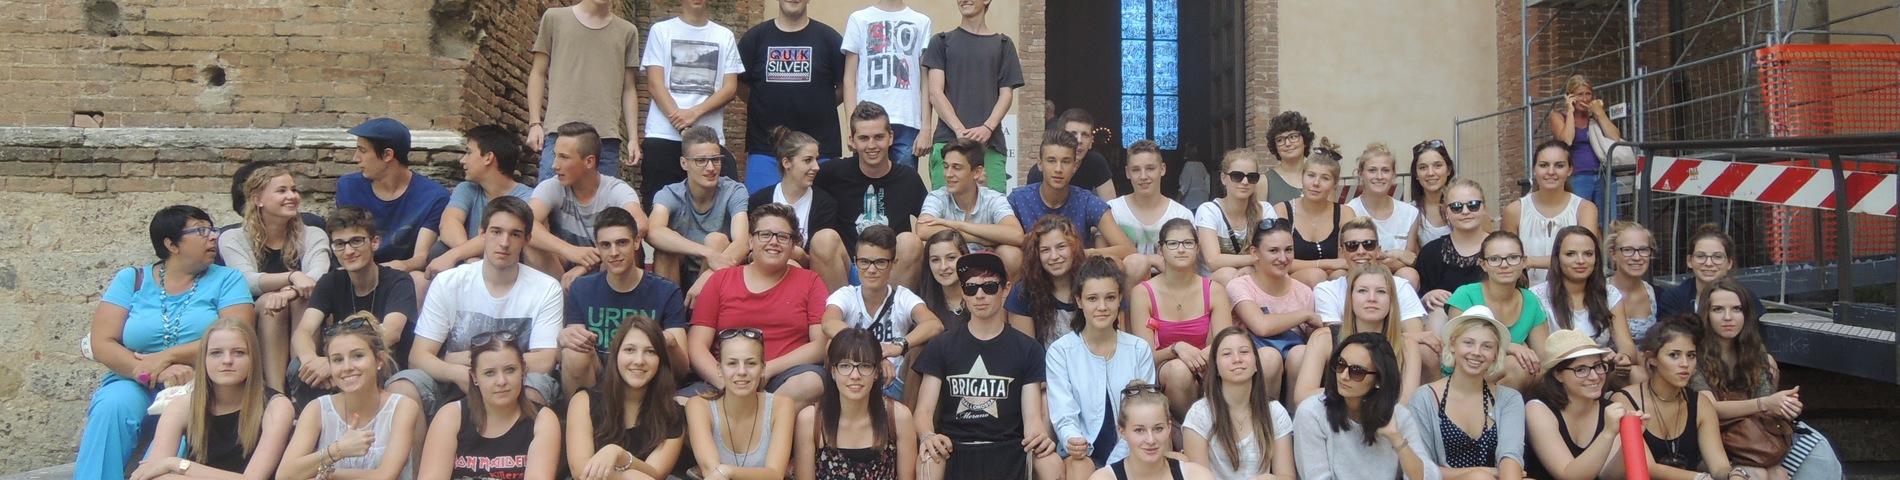 Centro Italiano Firenze bilde 1